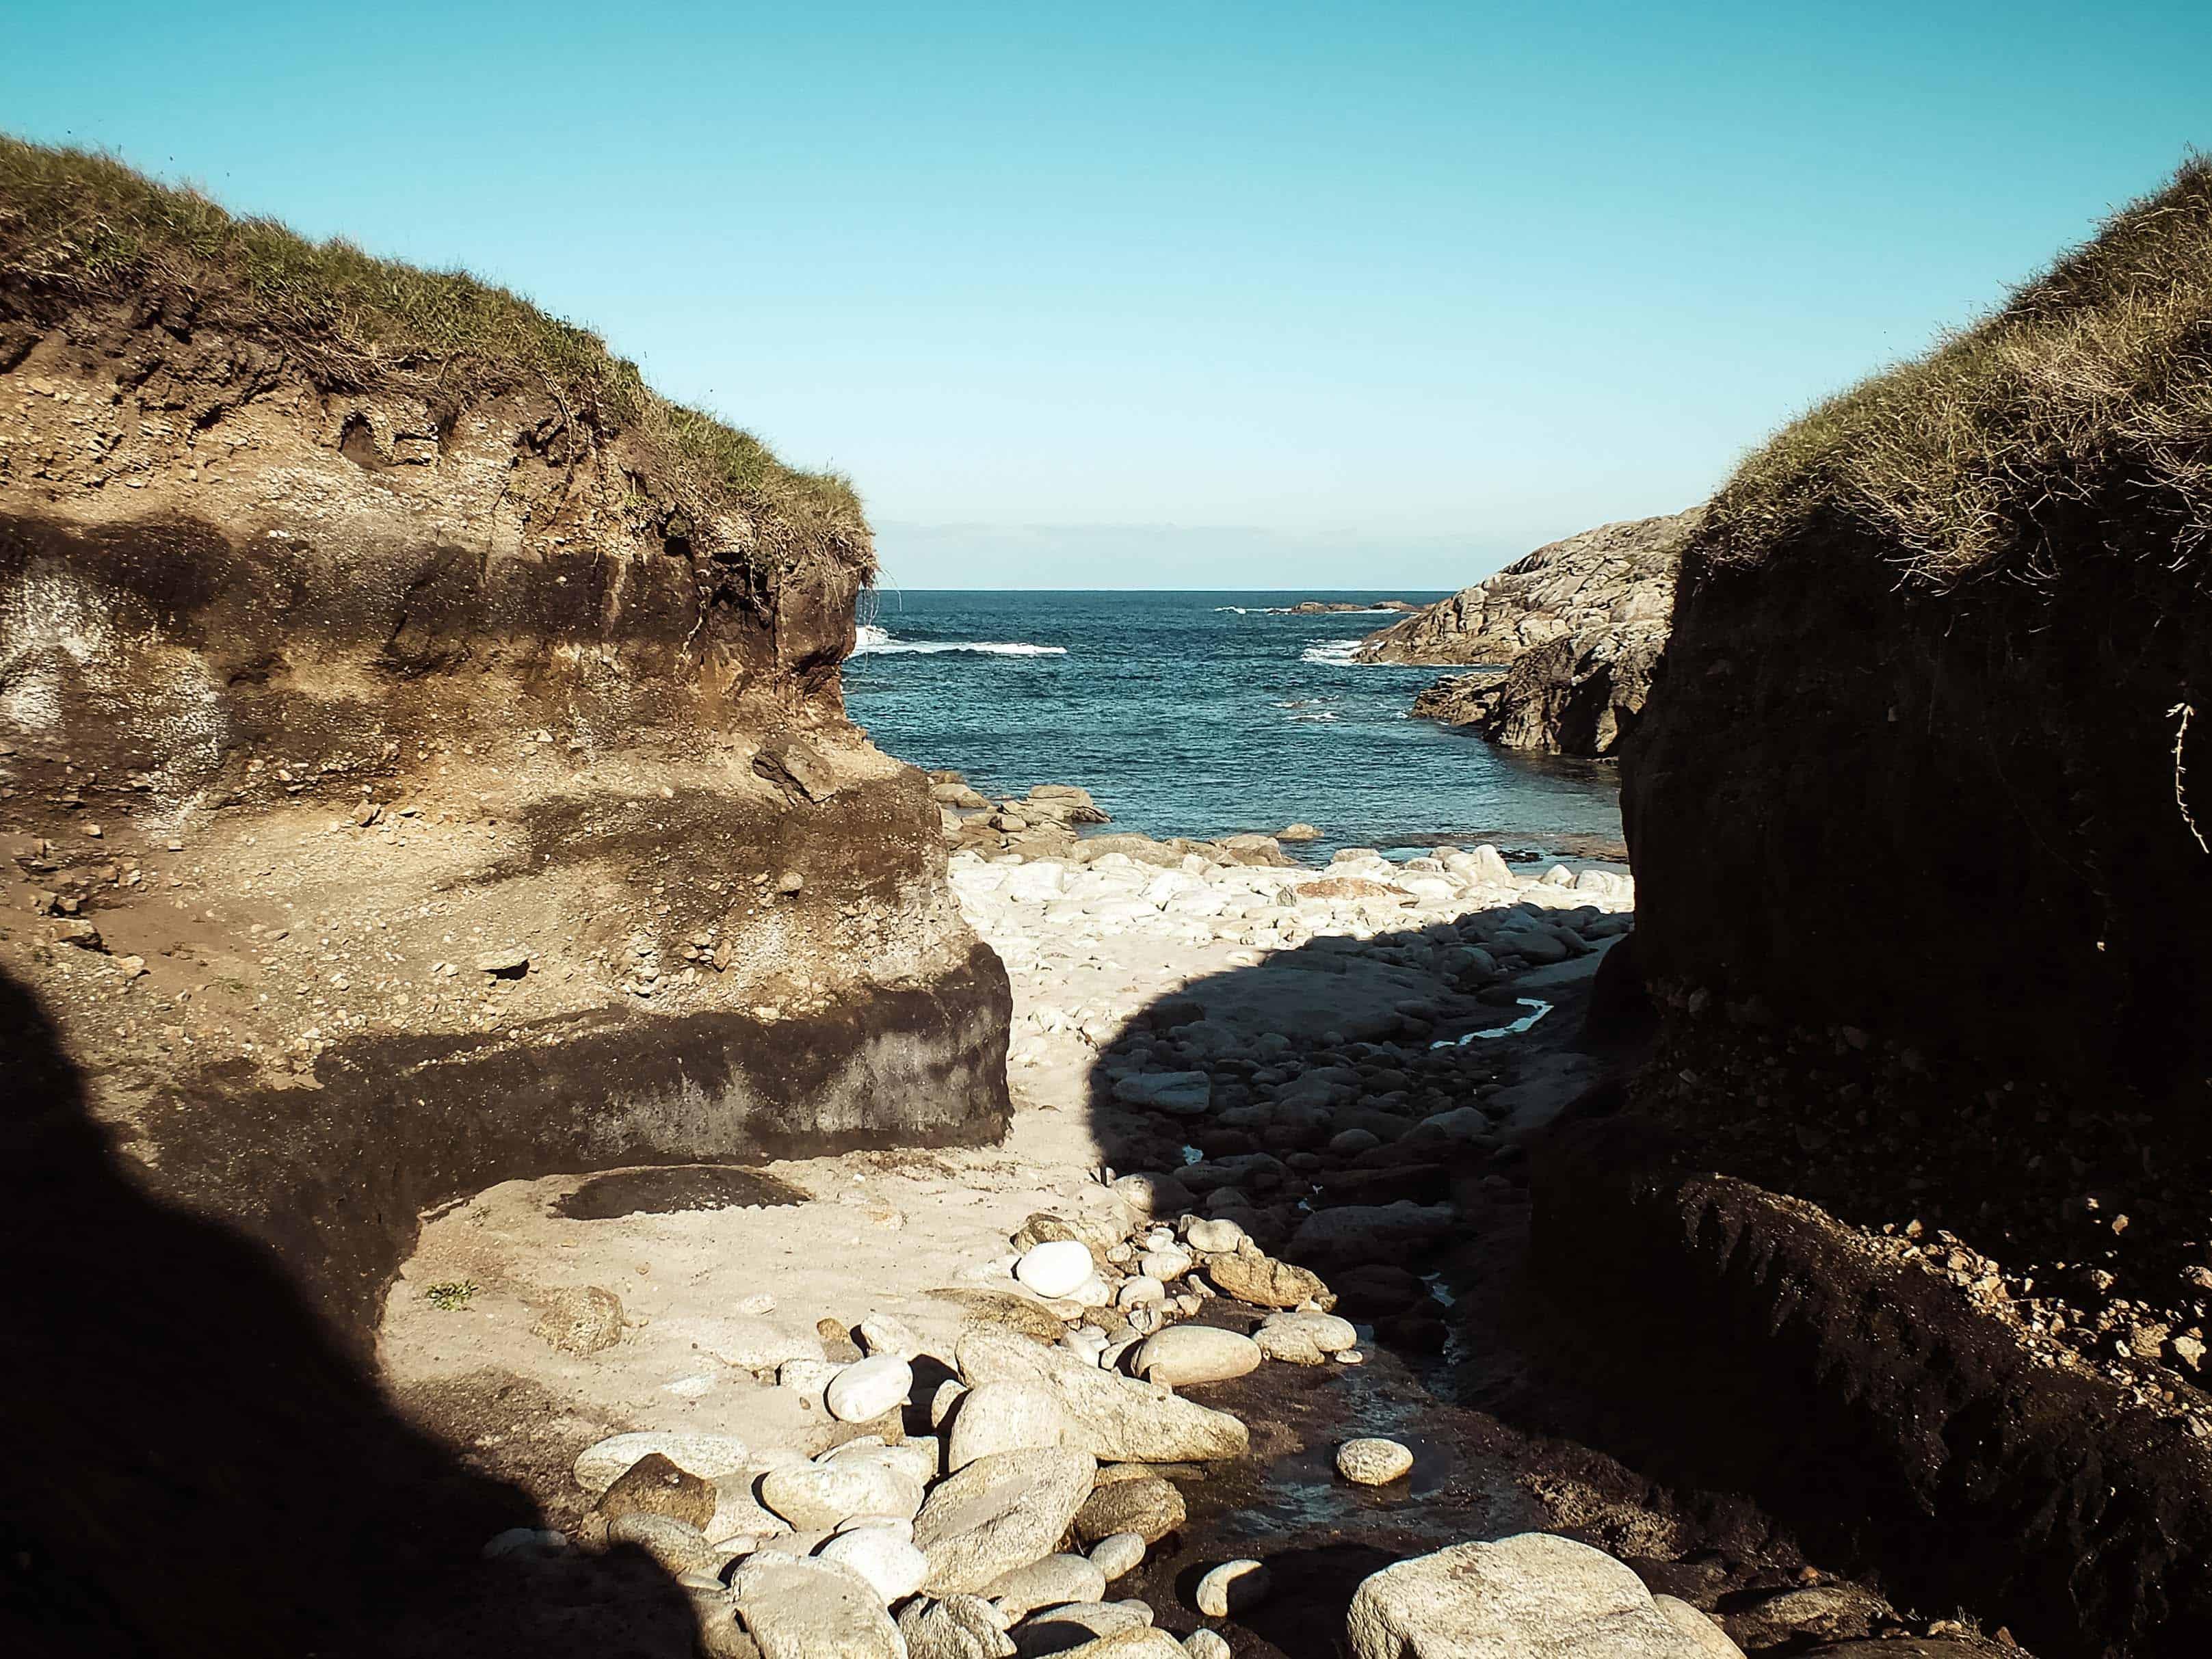 Grillige kustlijn met kleine strandjes